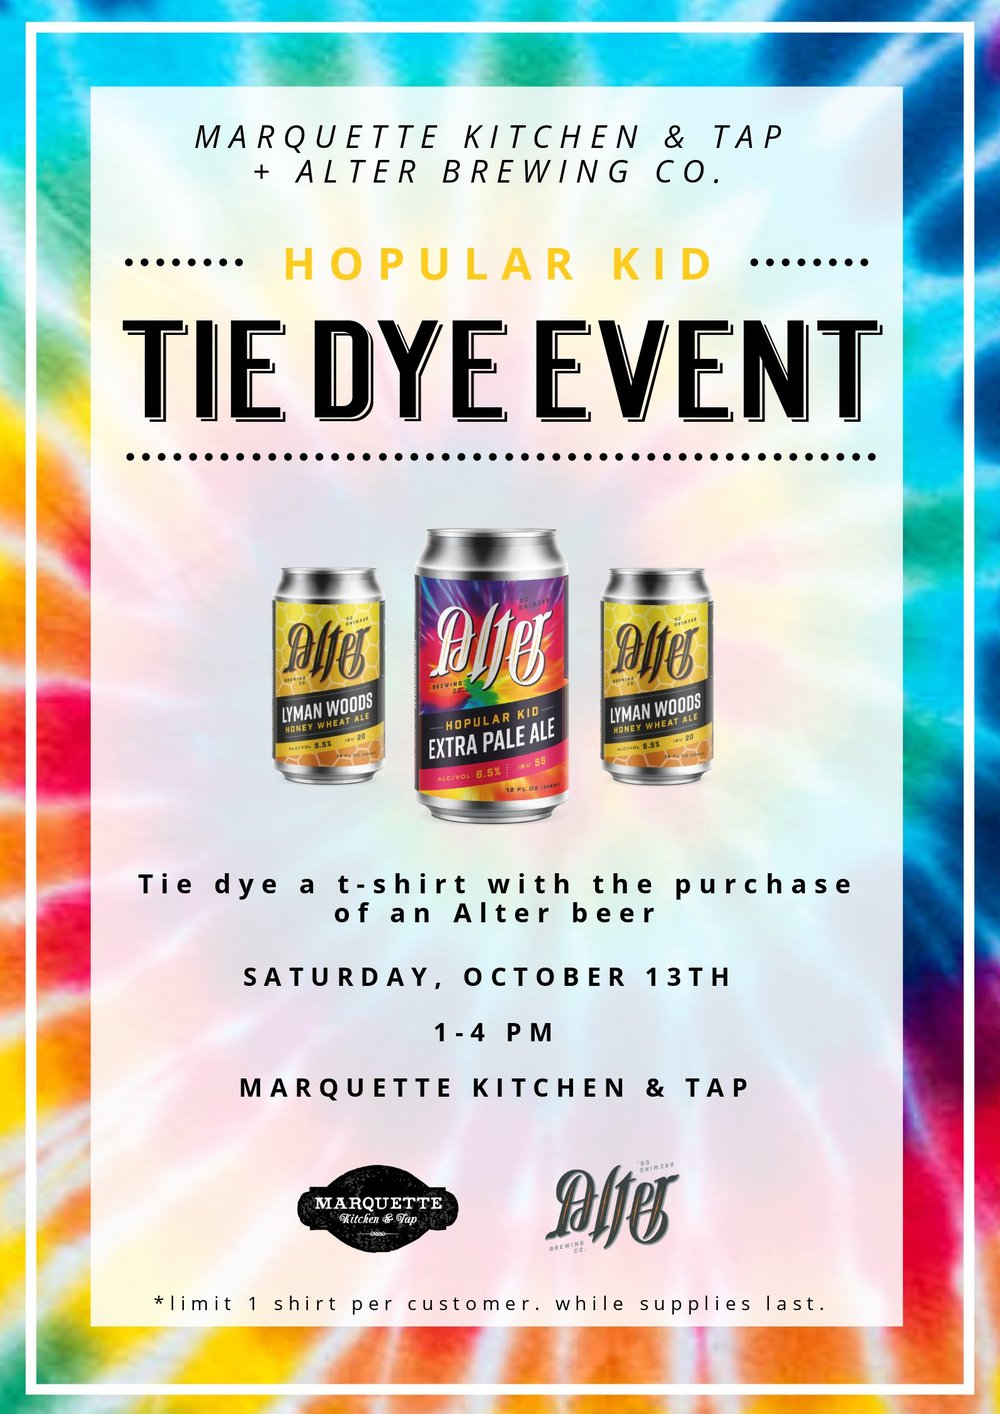 Marquette Kitchen & Tap | Alter Brewing Tie Die